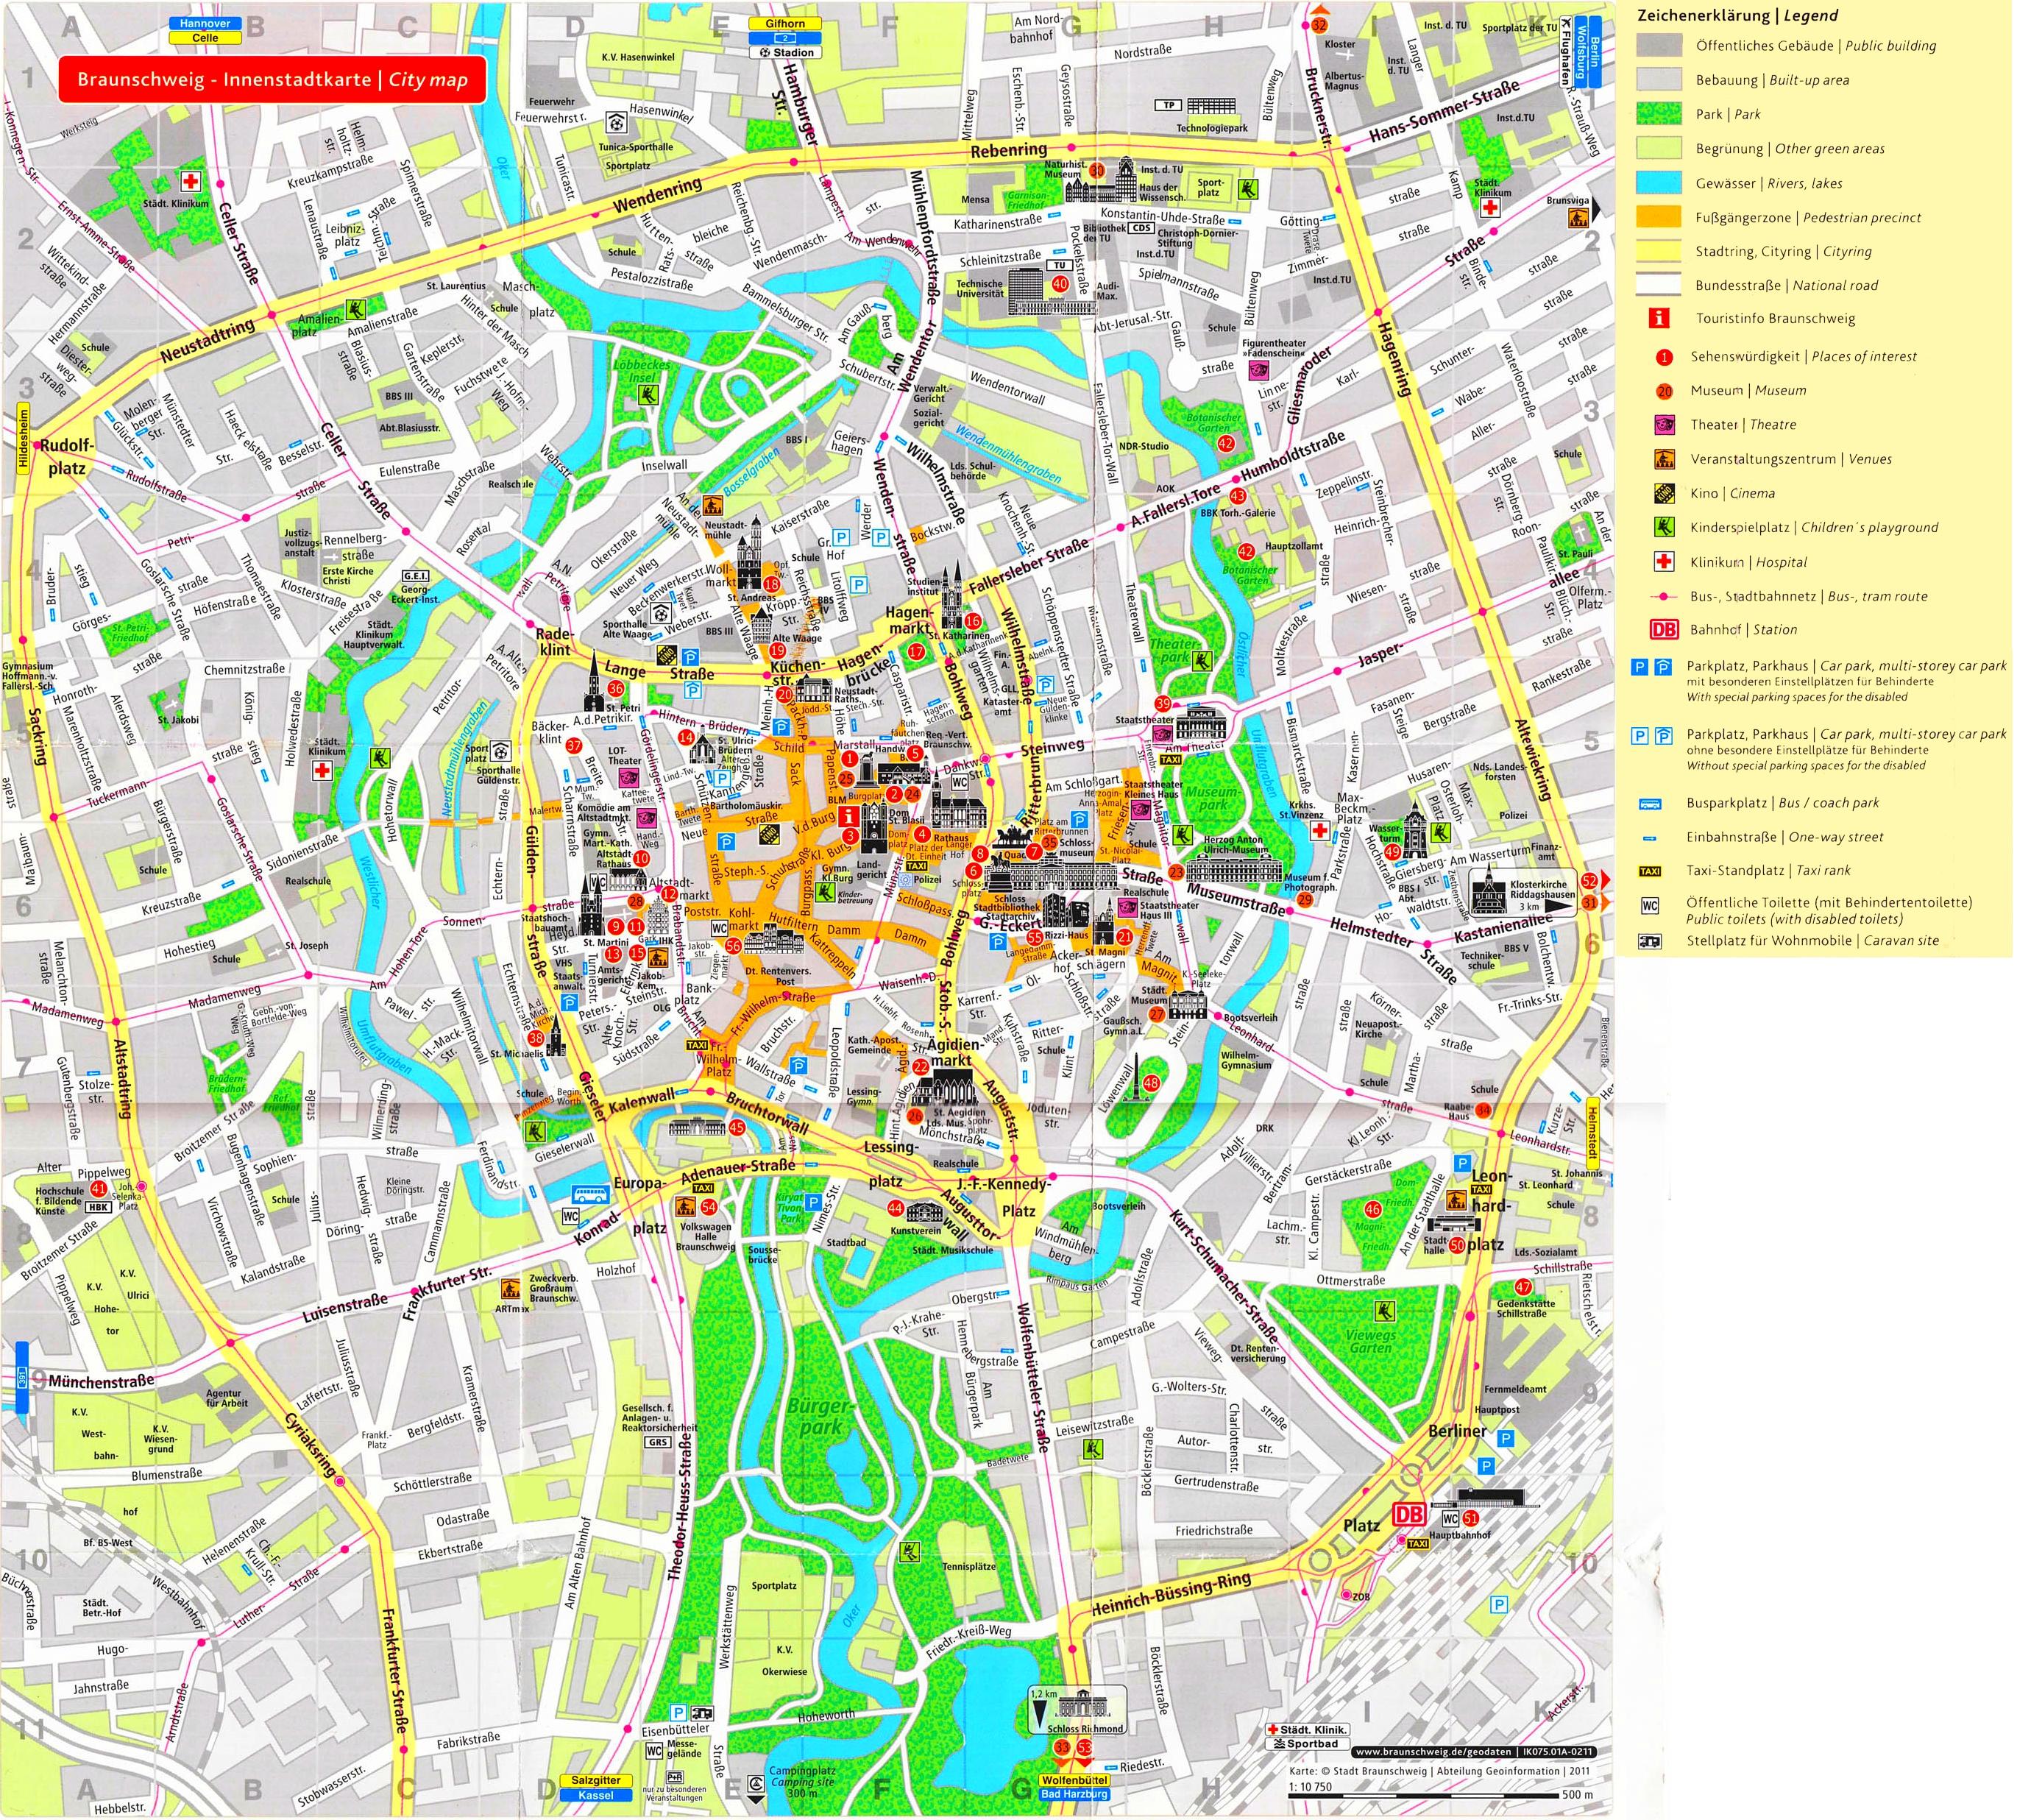 Braunschweig tourist map